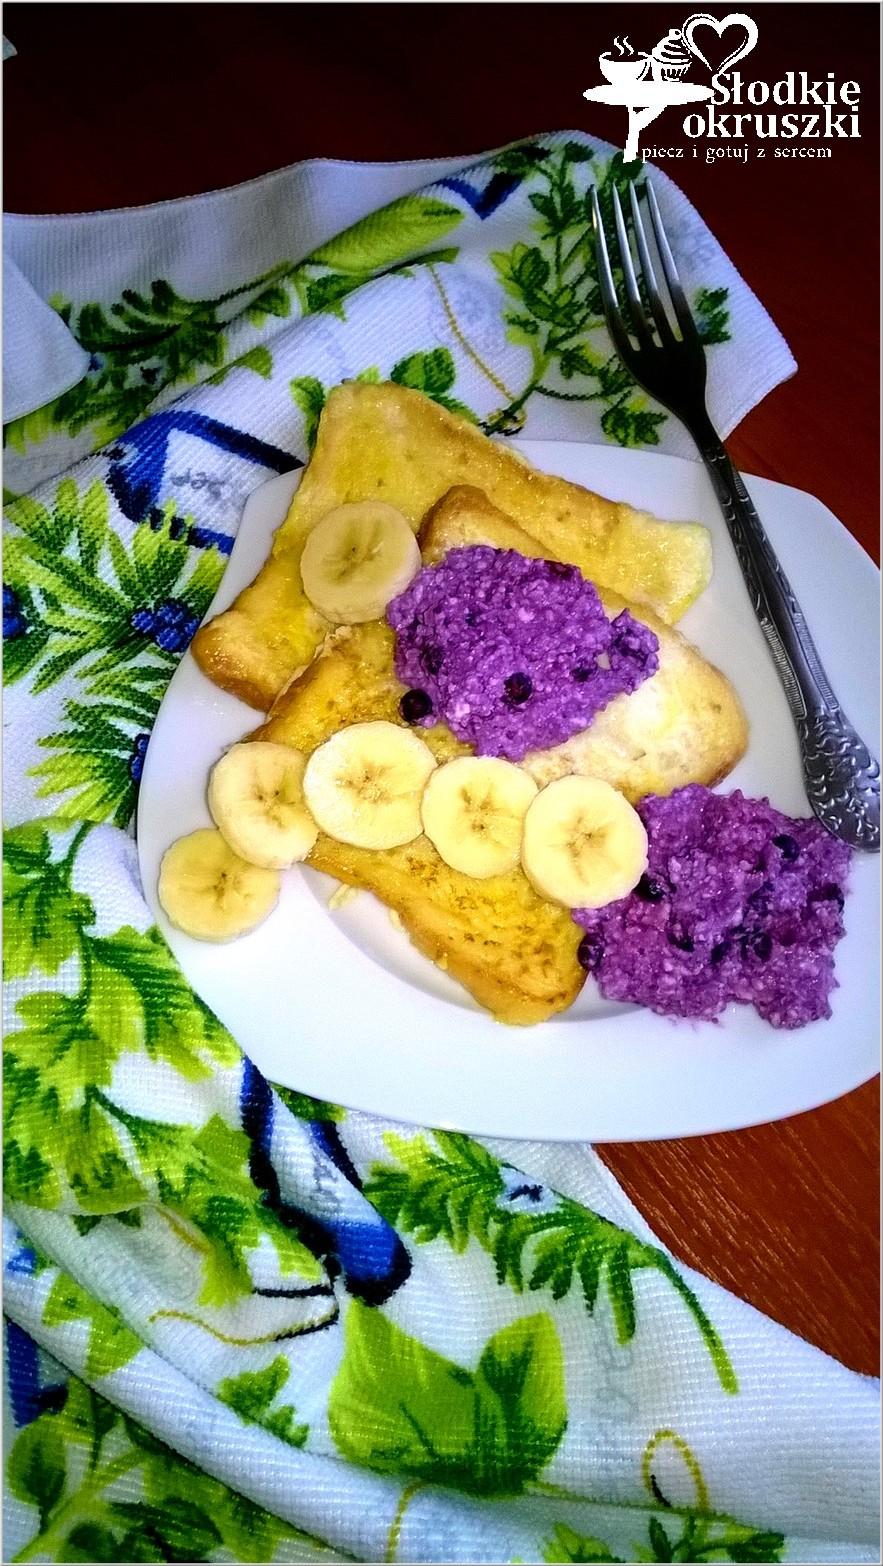 Francuskie tosty w otrębach z jagodowym serkiem i bananami. Pyszne śniadanie pełne smaku i barw.